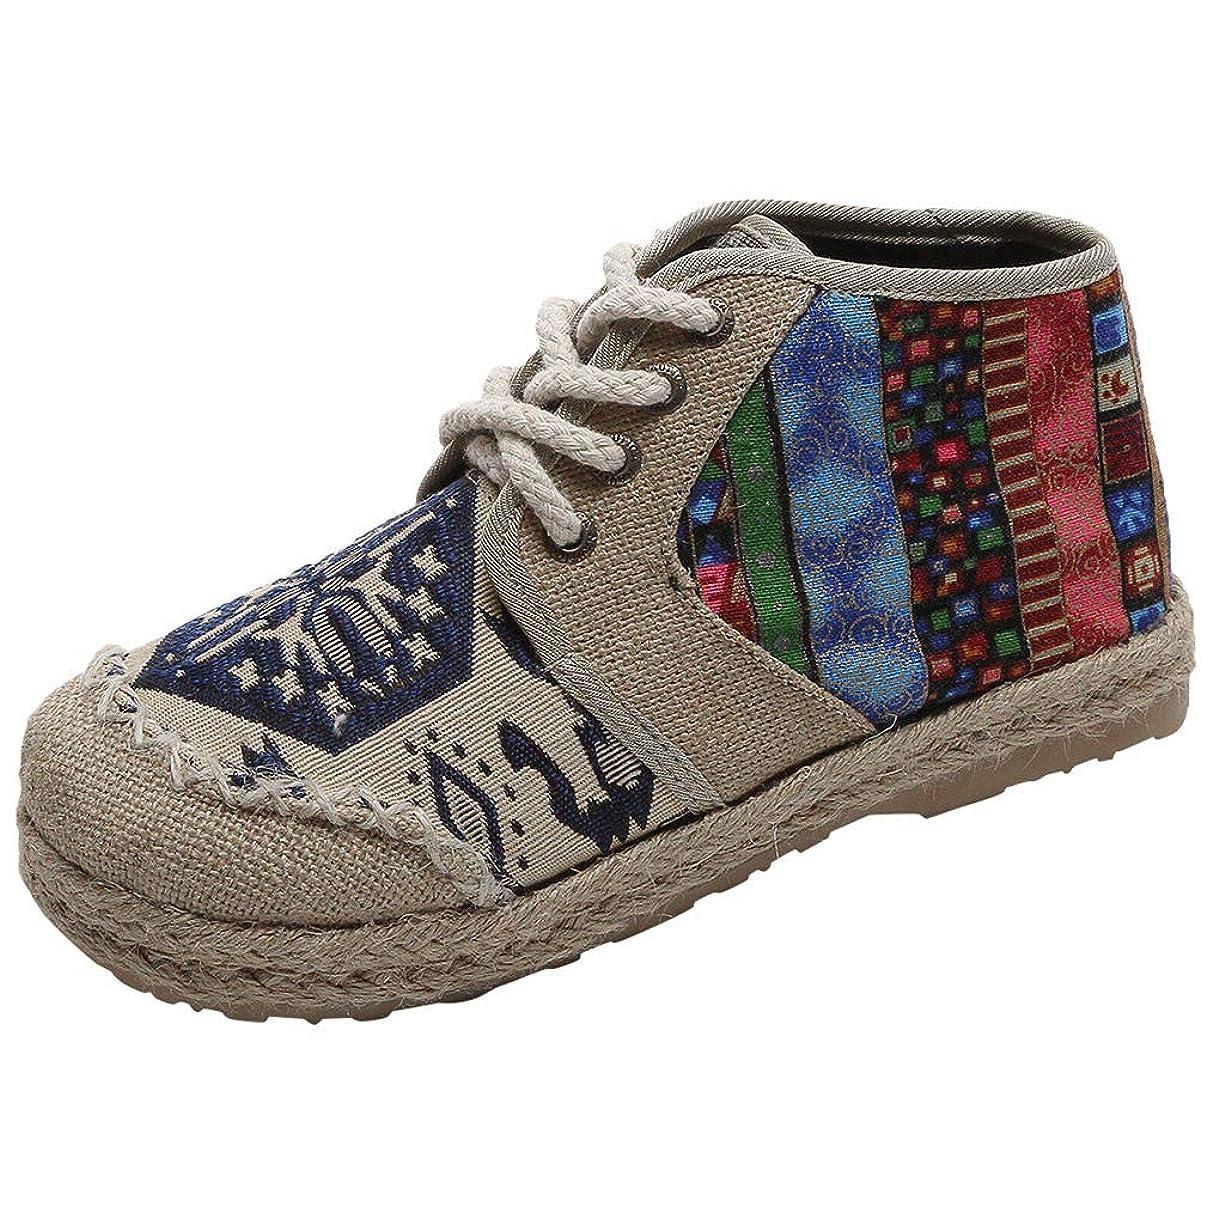 ビールハウジングだます[Sucute] 国立風の婦人靴 リネンレトロ 学生 カジュアル 大型 シングルシューズ 高い助け ファッショントレンド 海沿いの旅行に適しています (35-43)